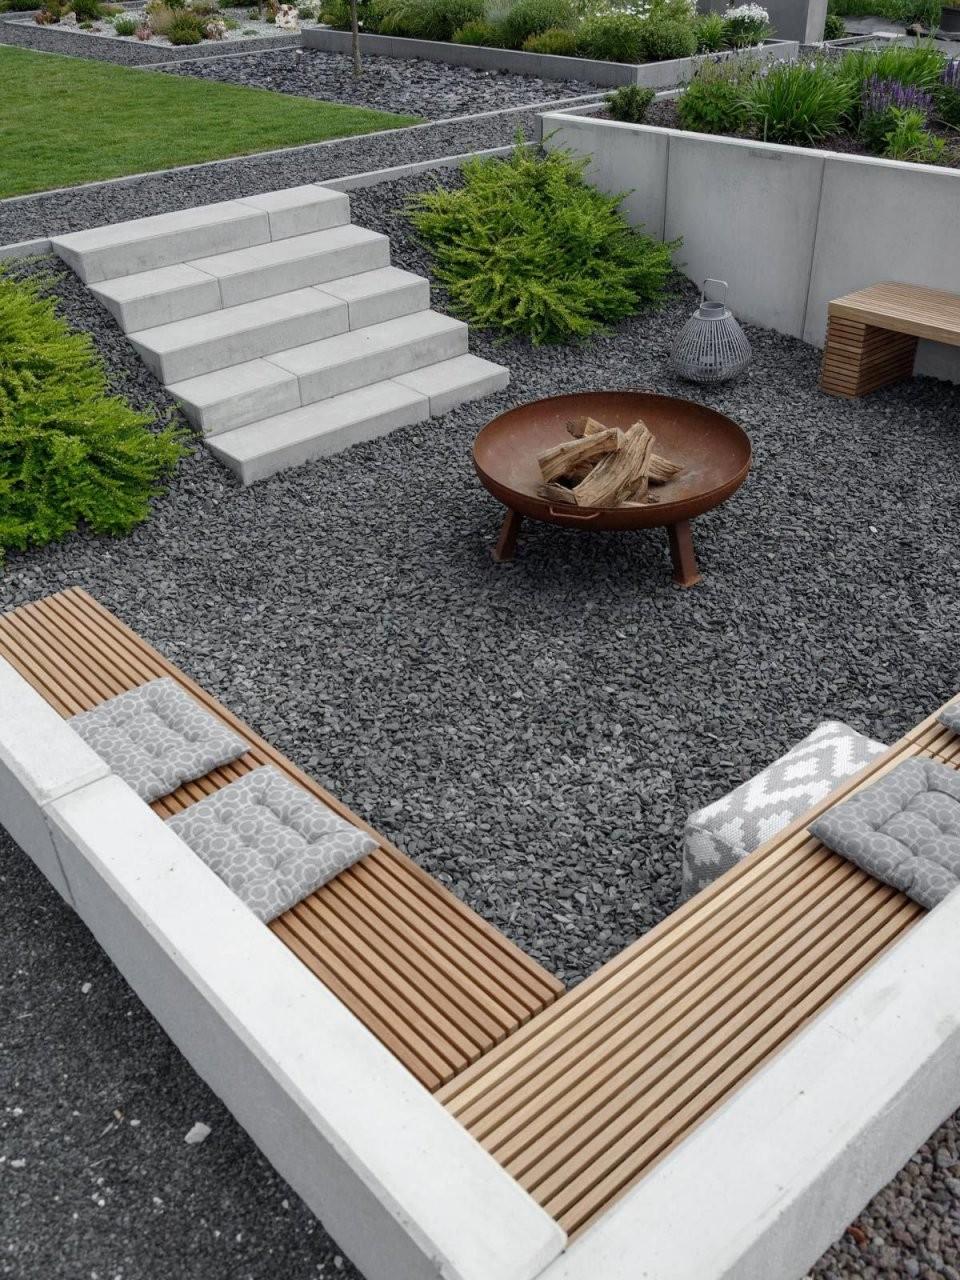 Abgesenkte Feuerstelle Im Garten Gardendesign  Garten von Feuerstelle Im Garten Bilder Photo